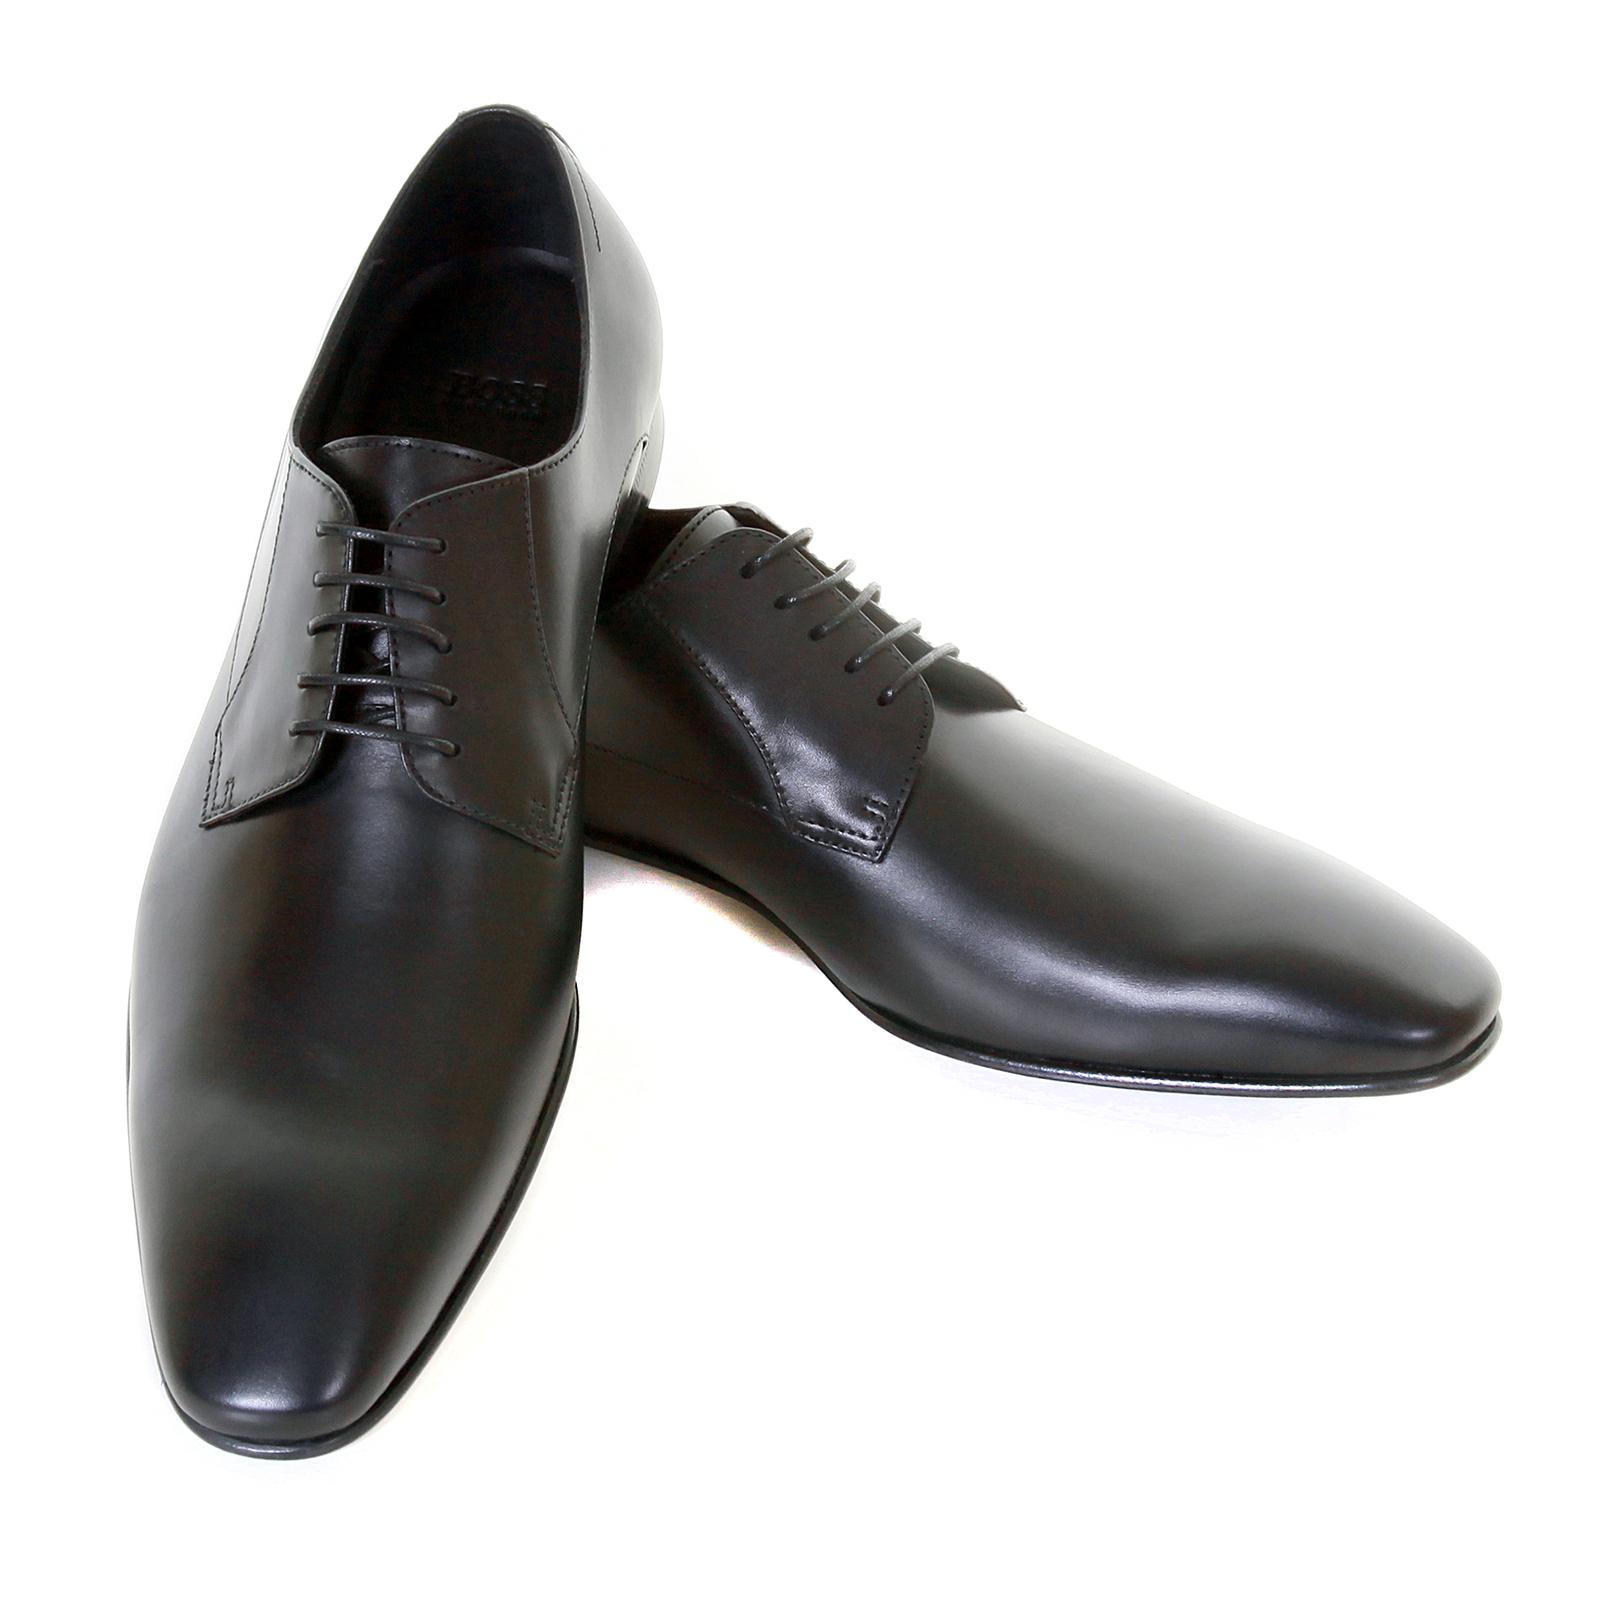 Aldo Red Shoes Men